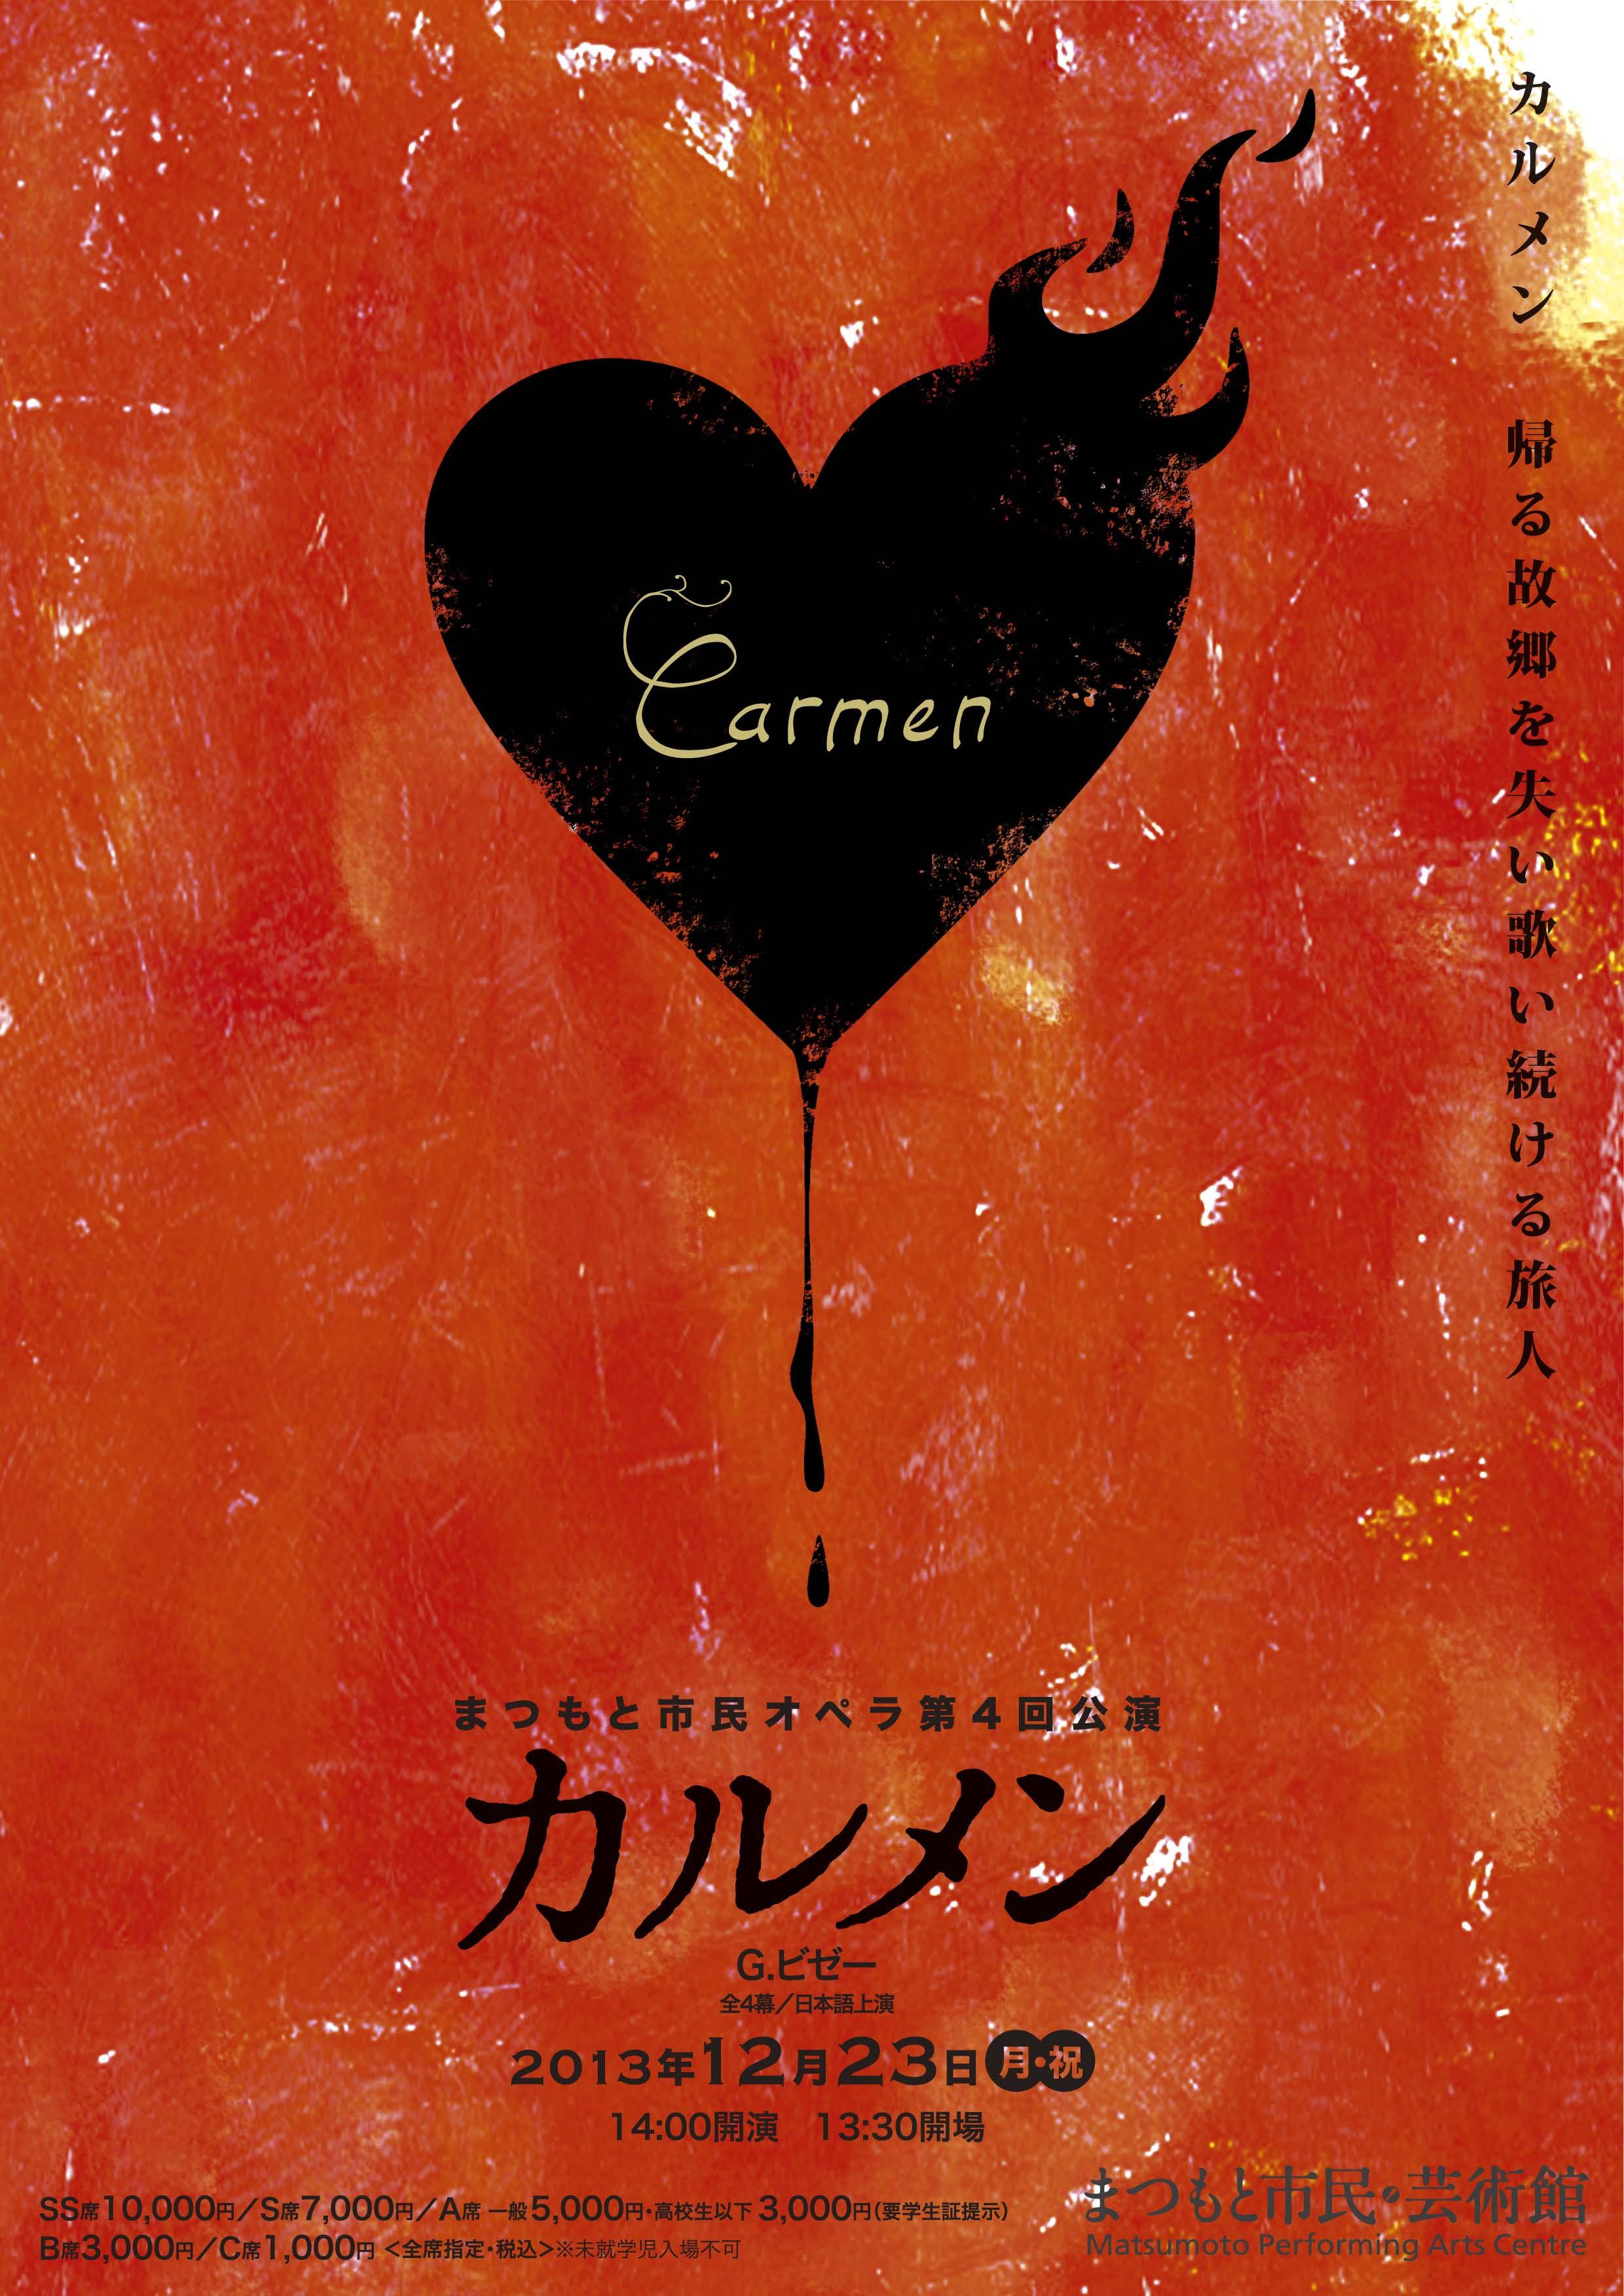 まつもと市民オペラ第4回公演 G.ビゼー「カルメン」